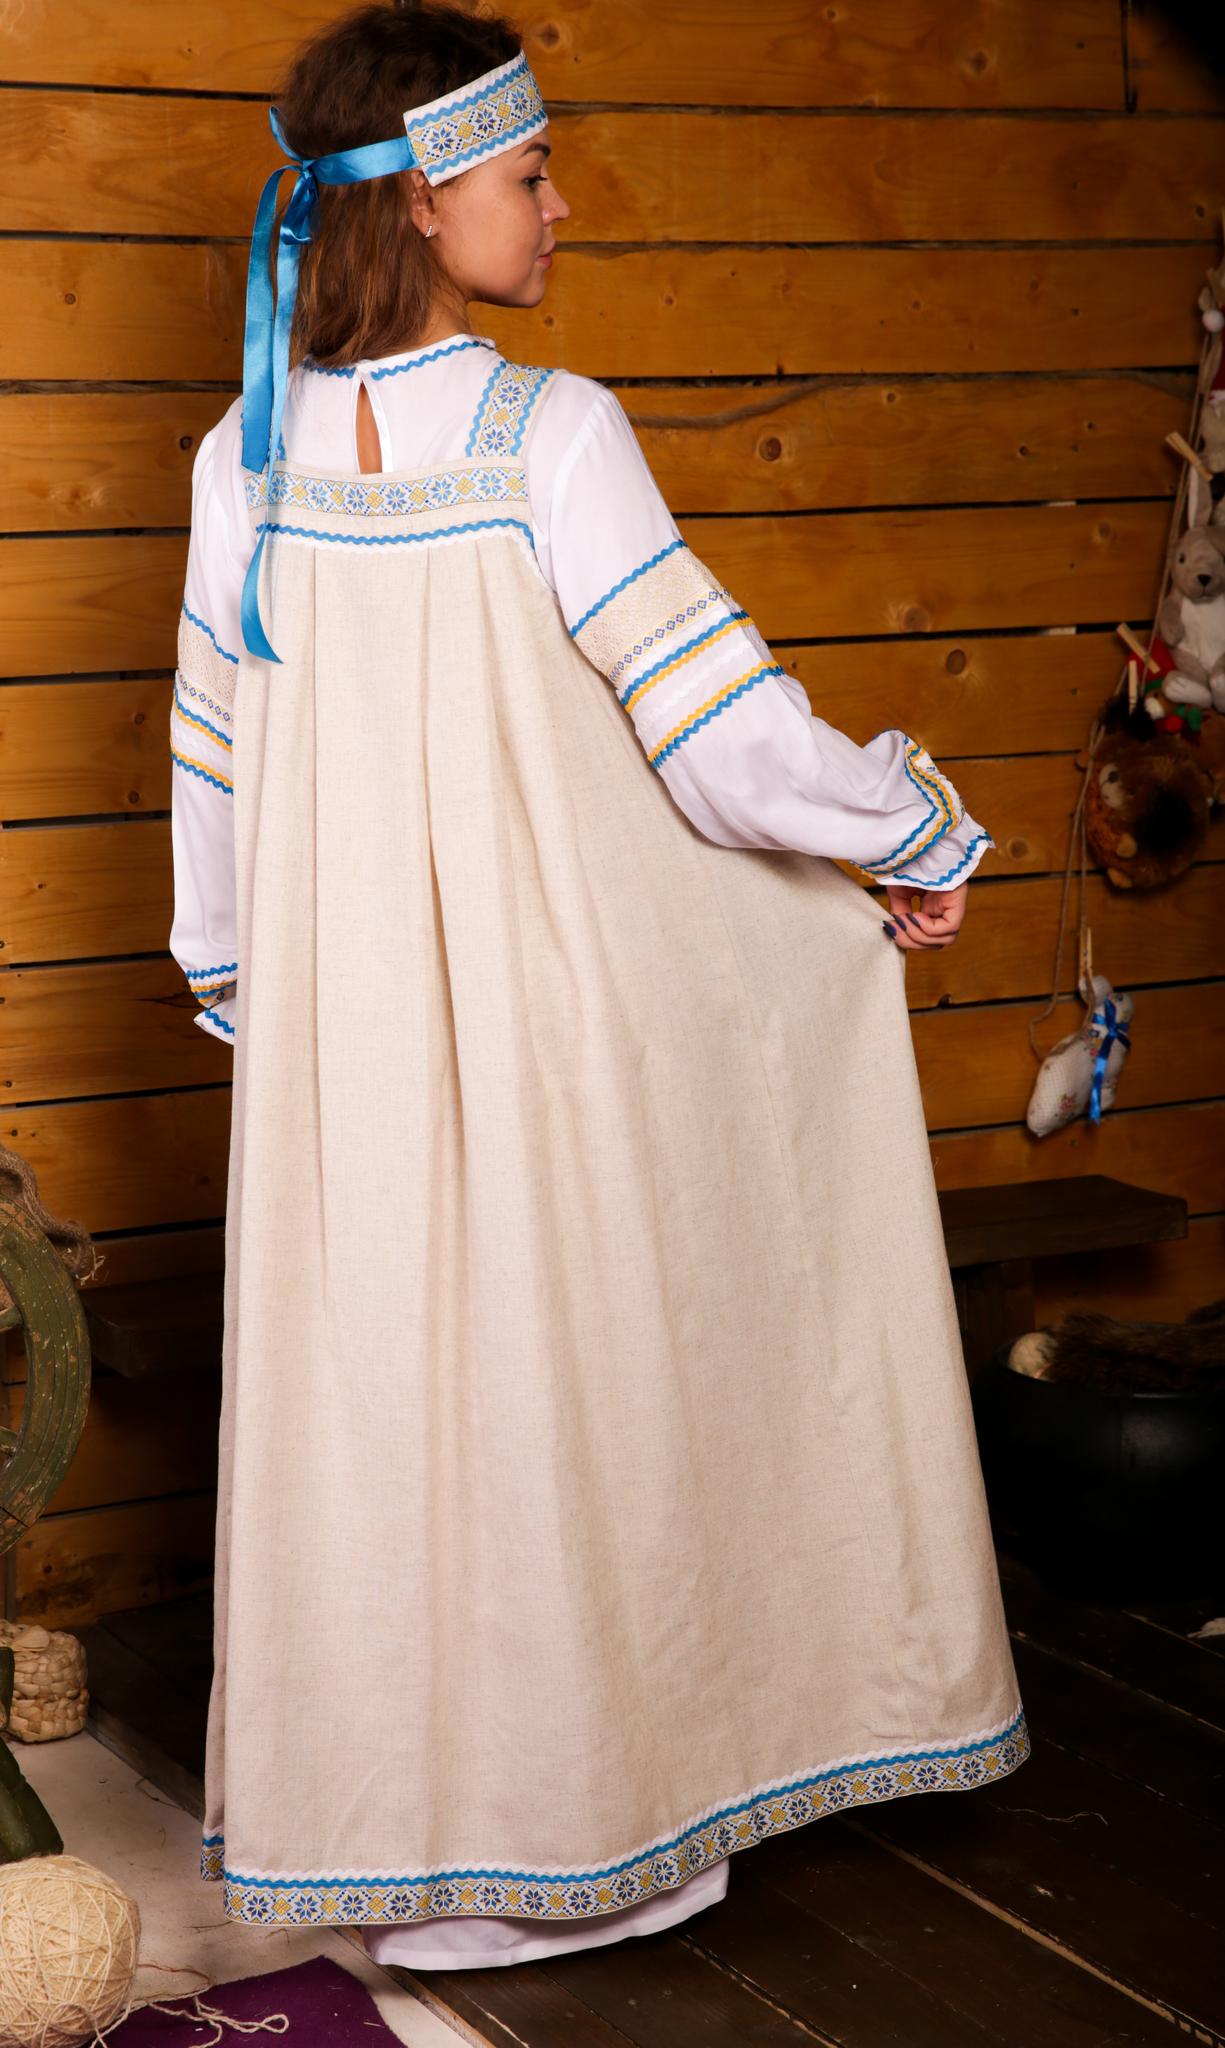 русский народный костюм Иванка от Костюм Шоу вид сзади